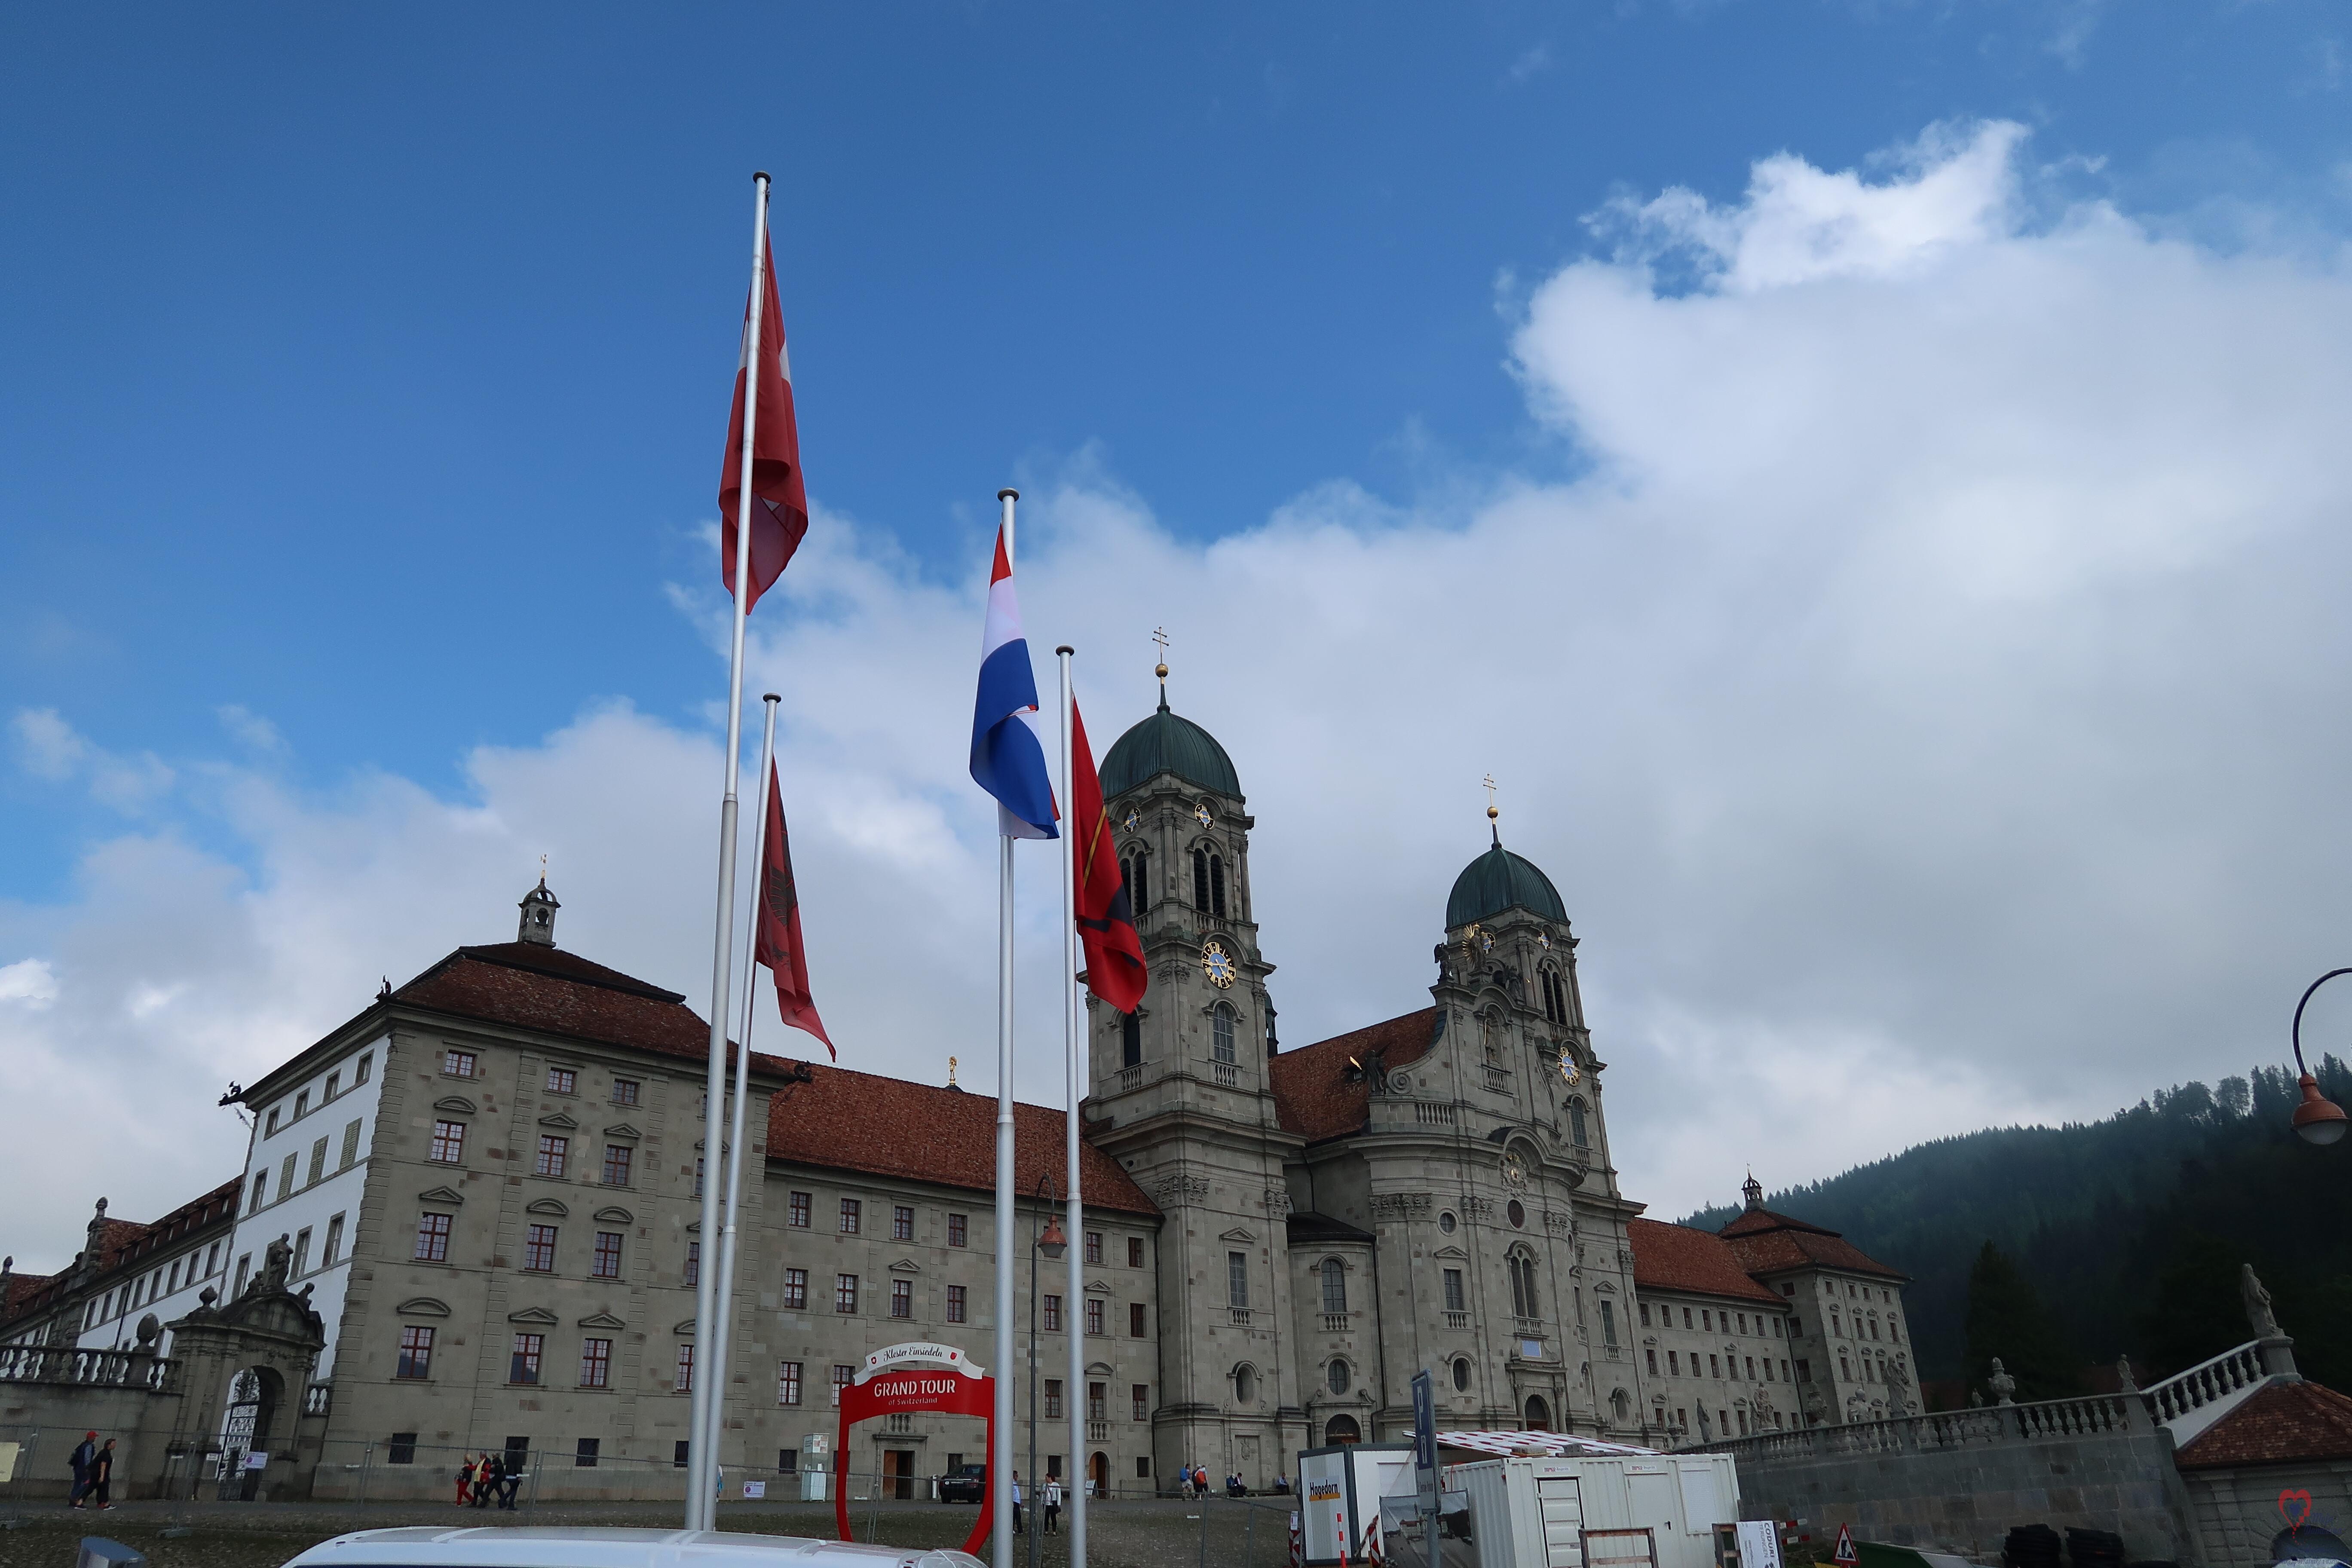 Rumeni list - OTKAZANO @ Kloster Einsiedeln | Einsiedeln | Schwyz | Switzerland